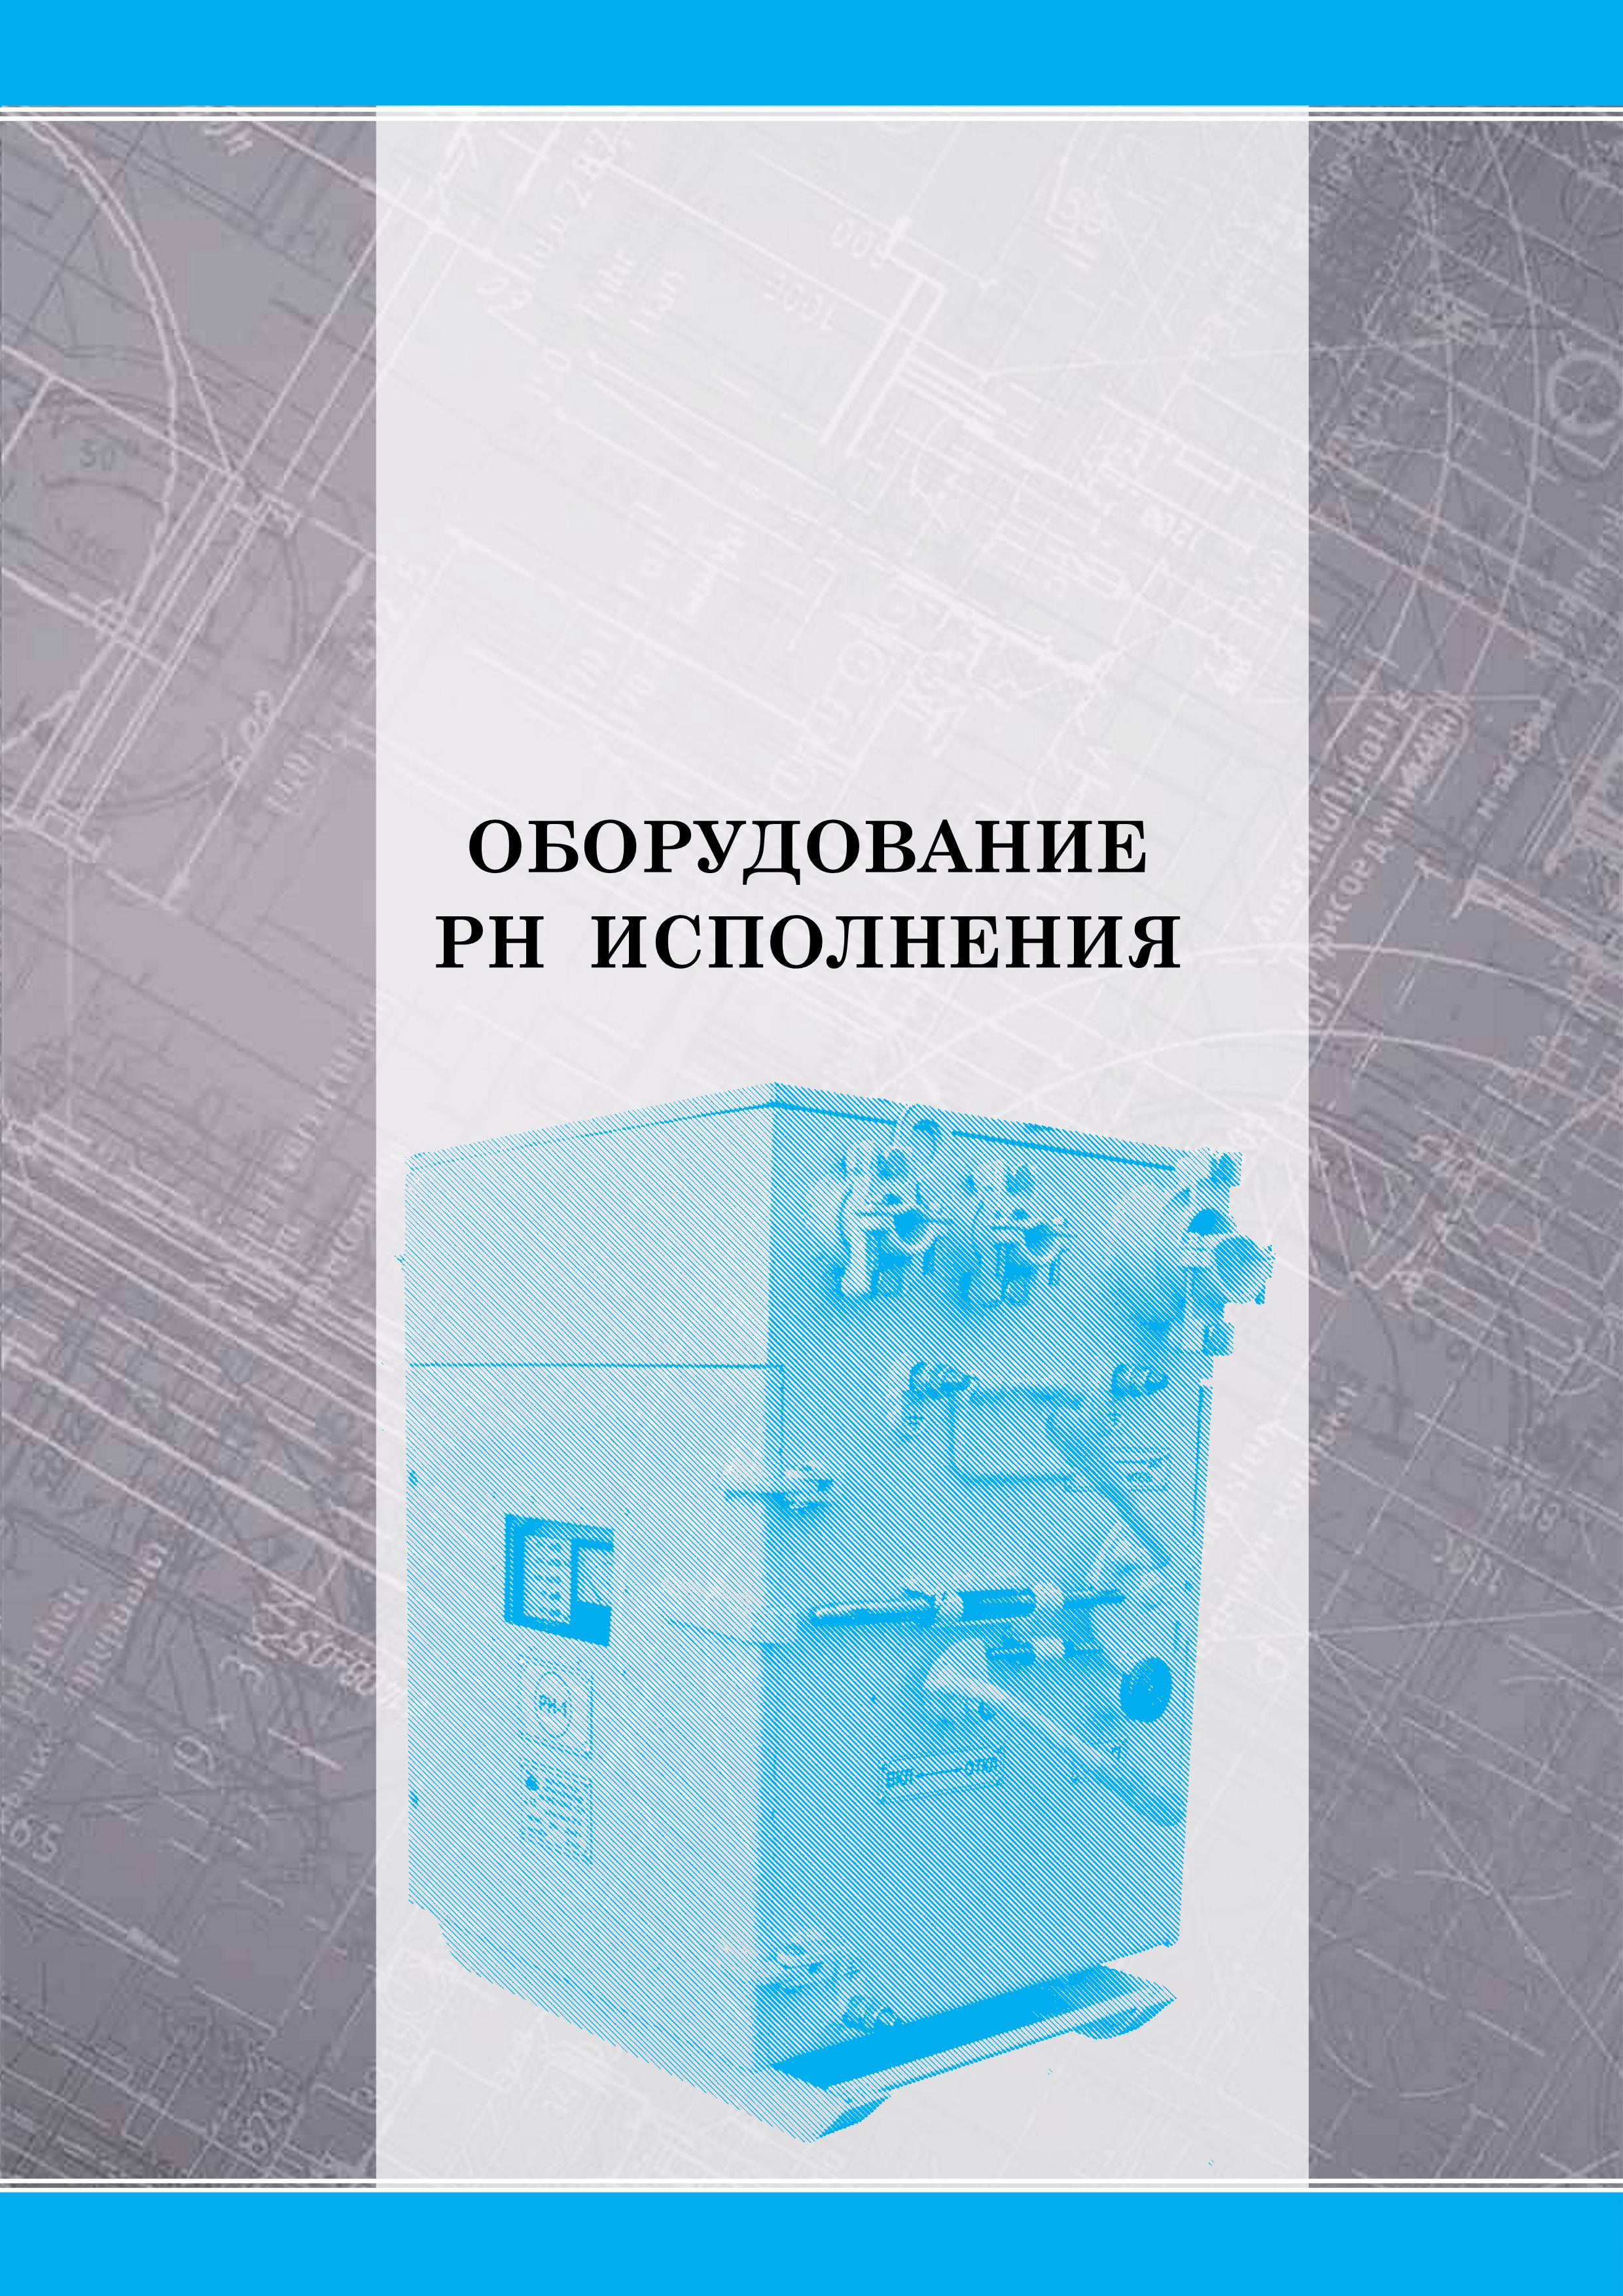 Каталог 2019_1_53